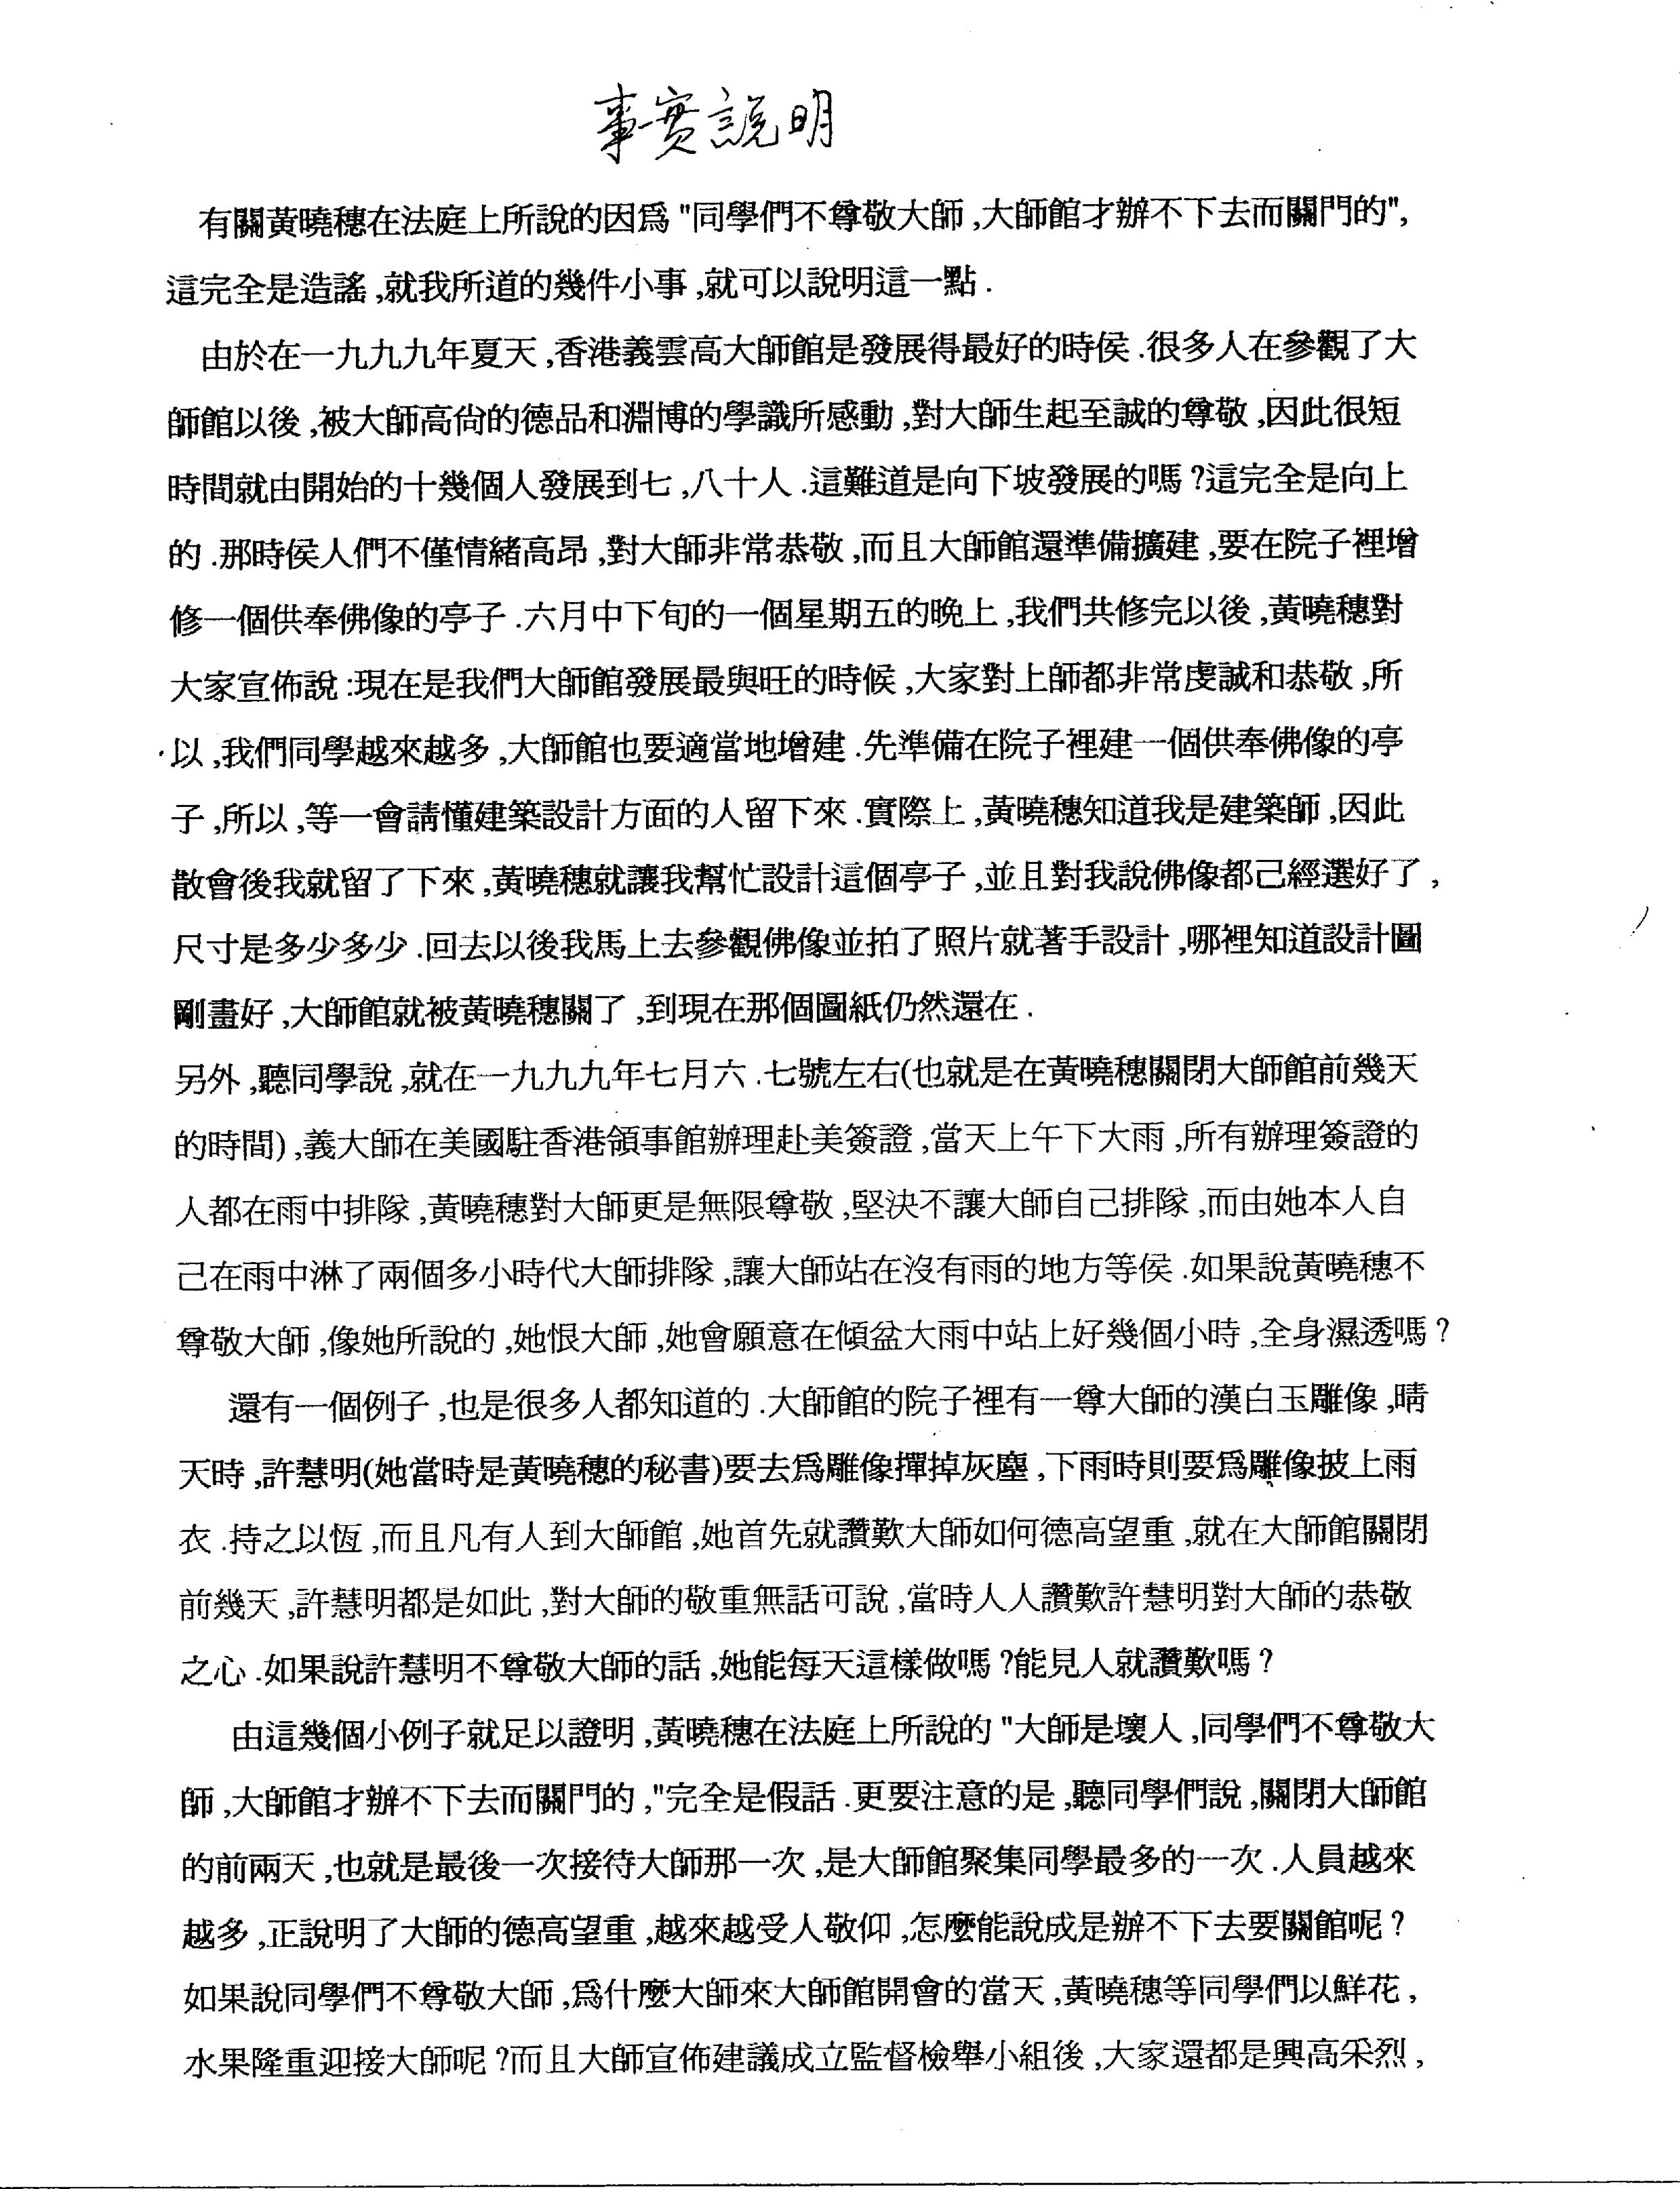 香港法院重判黄晓穗诈骗案 还第三世多杰羌佛清白 第10张